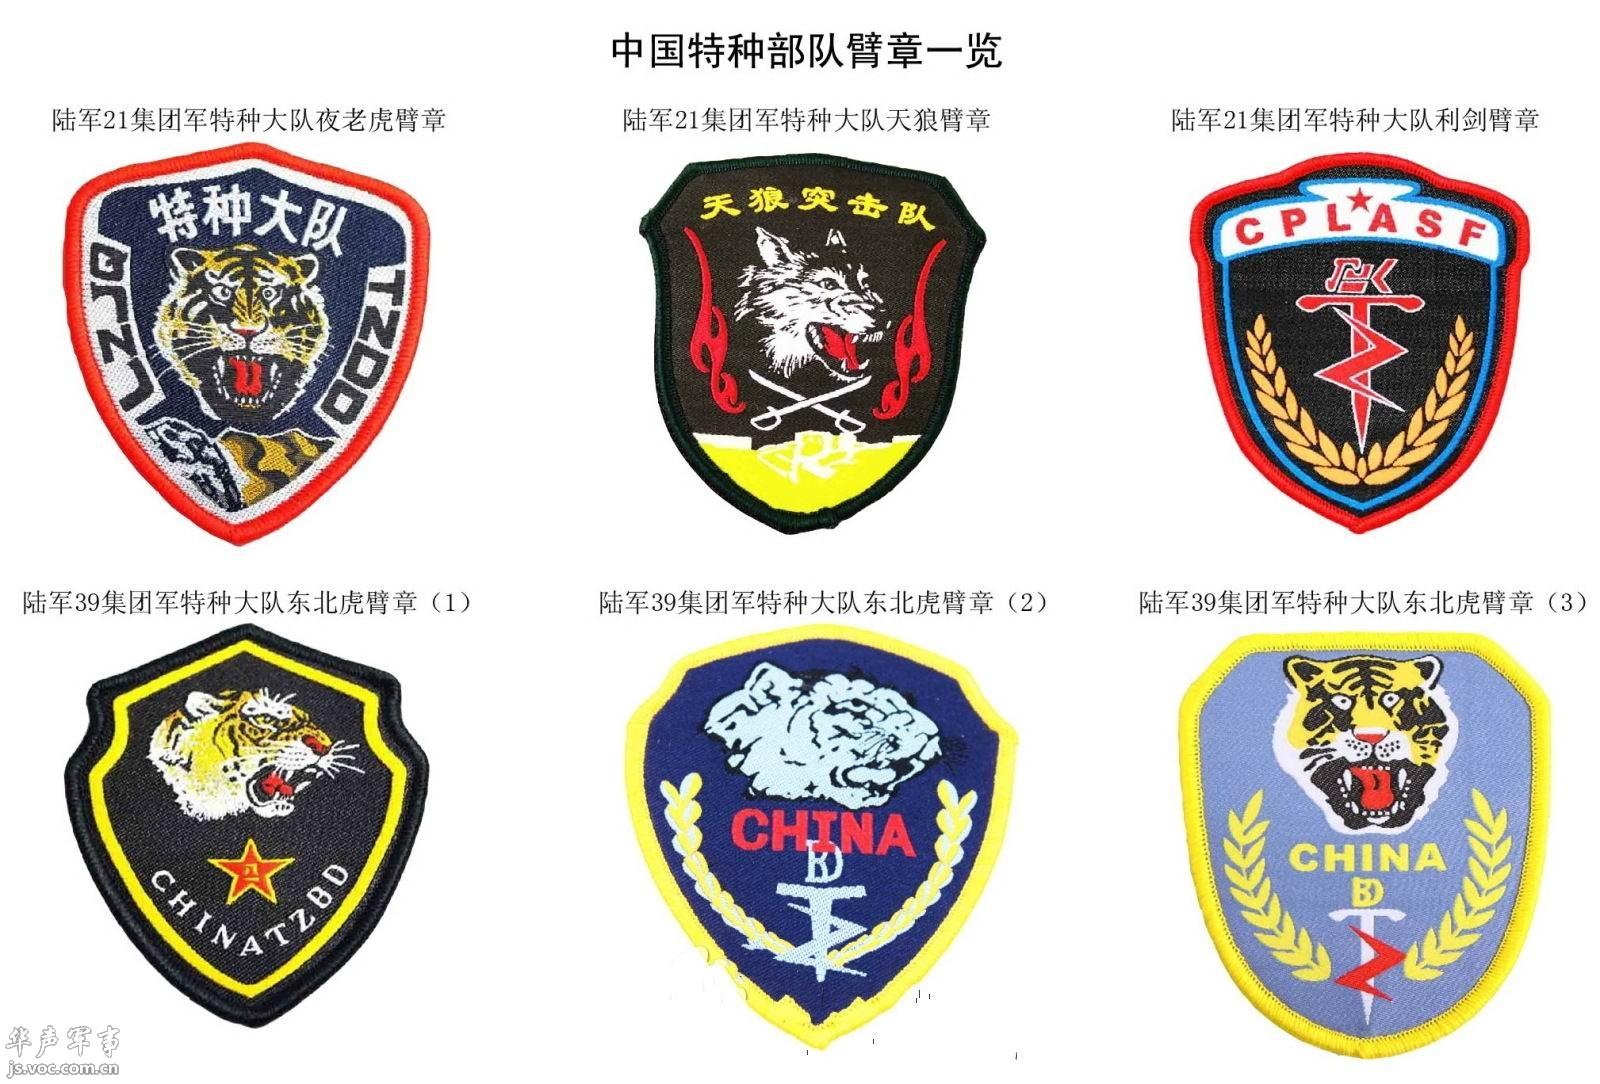 中国特种部队臂章大全图片